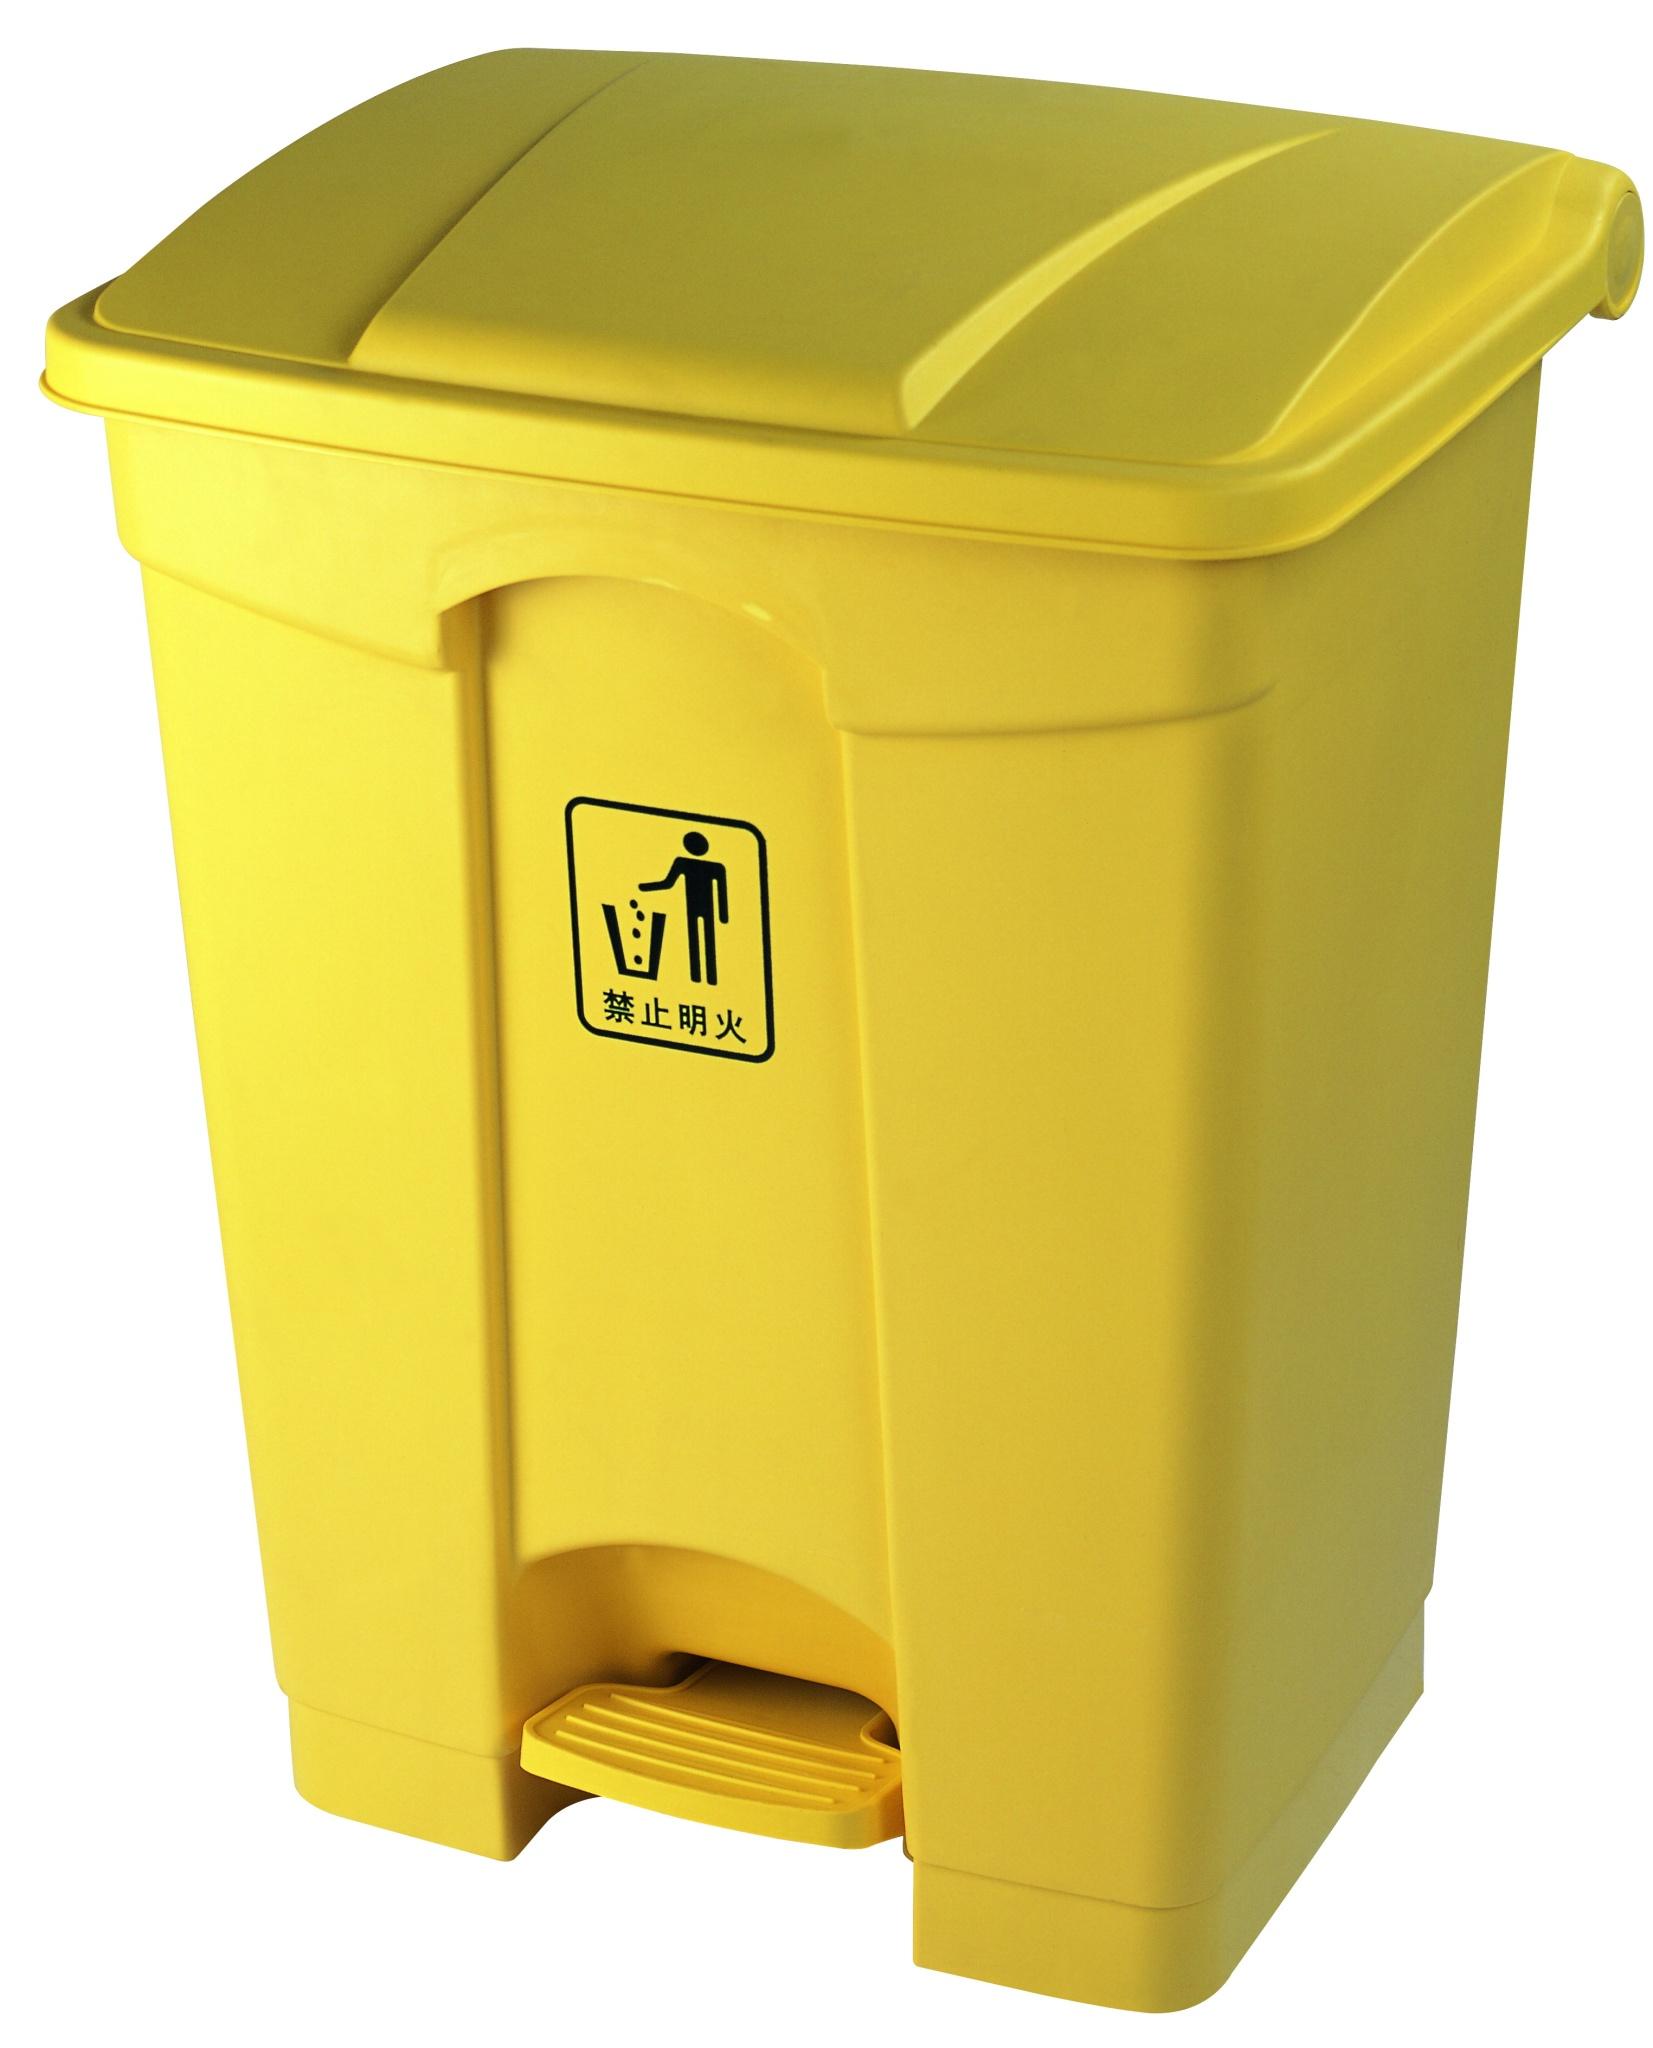 68升脚踏式垃圾桶黄色